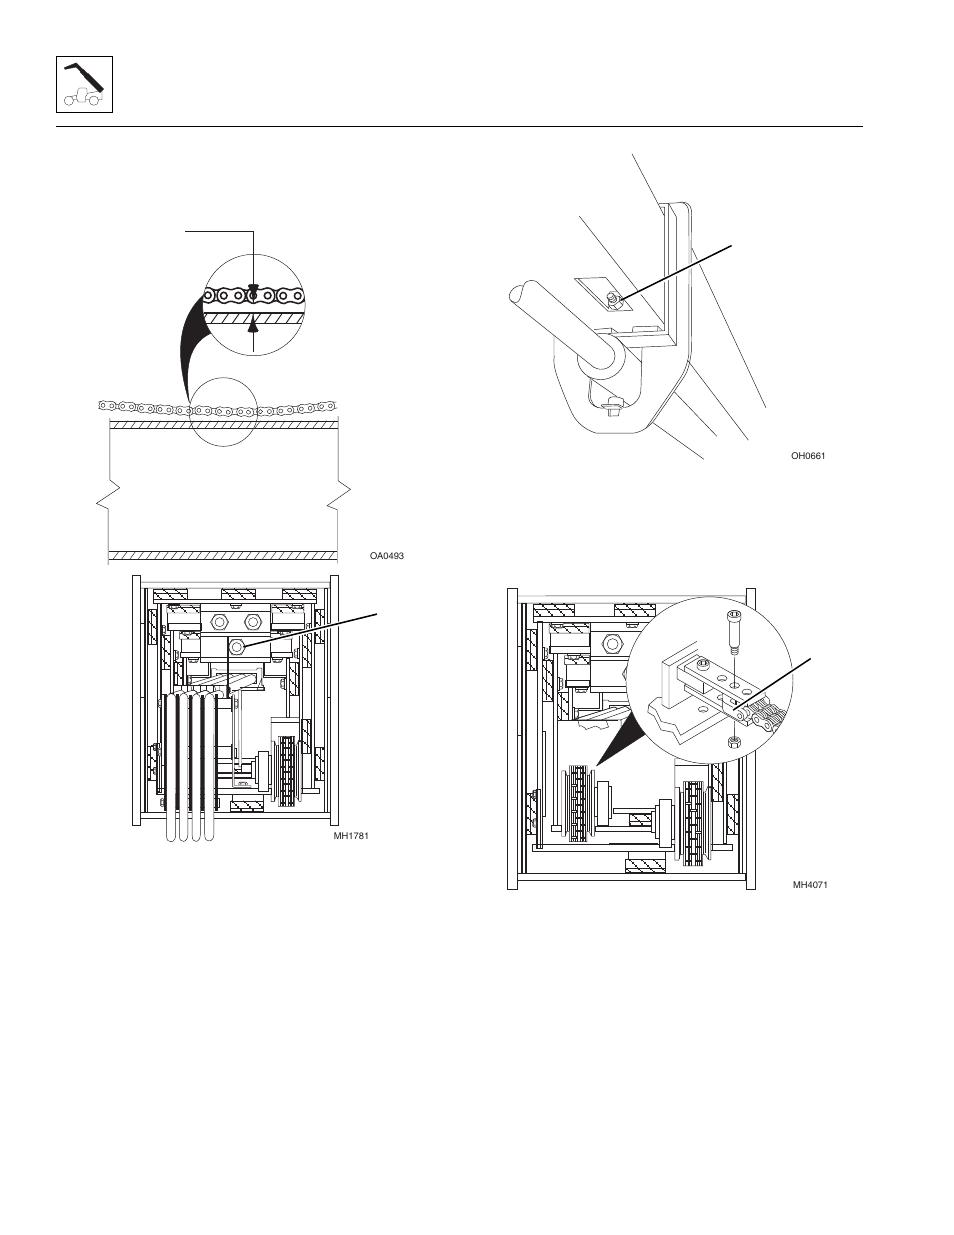 medium resolution of skytrak 8042 service manual user manual page 74 230 also for 6042 service manual 6036 service manual 10054 service manual 10042 service manual